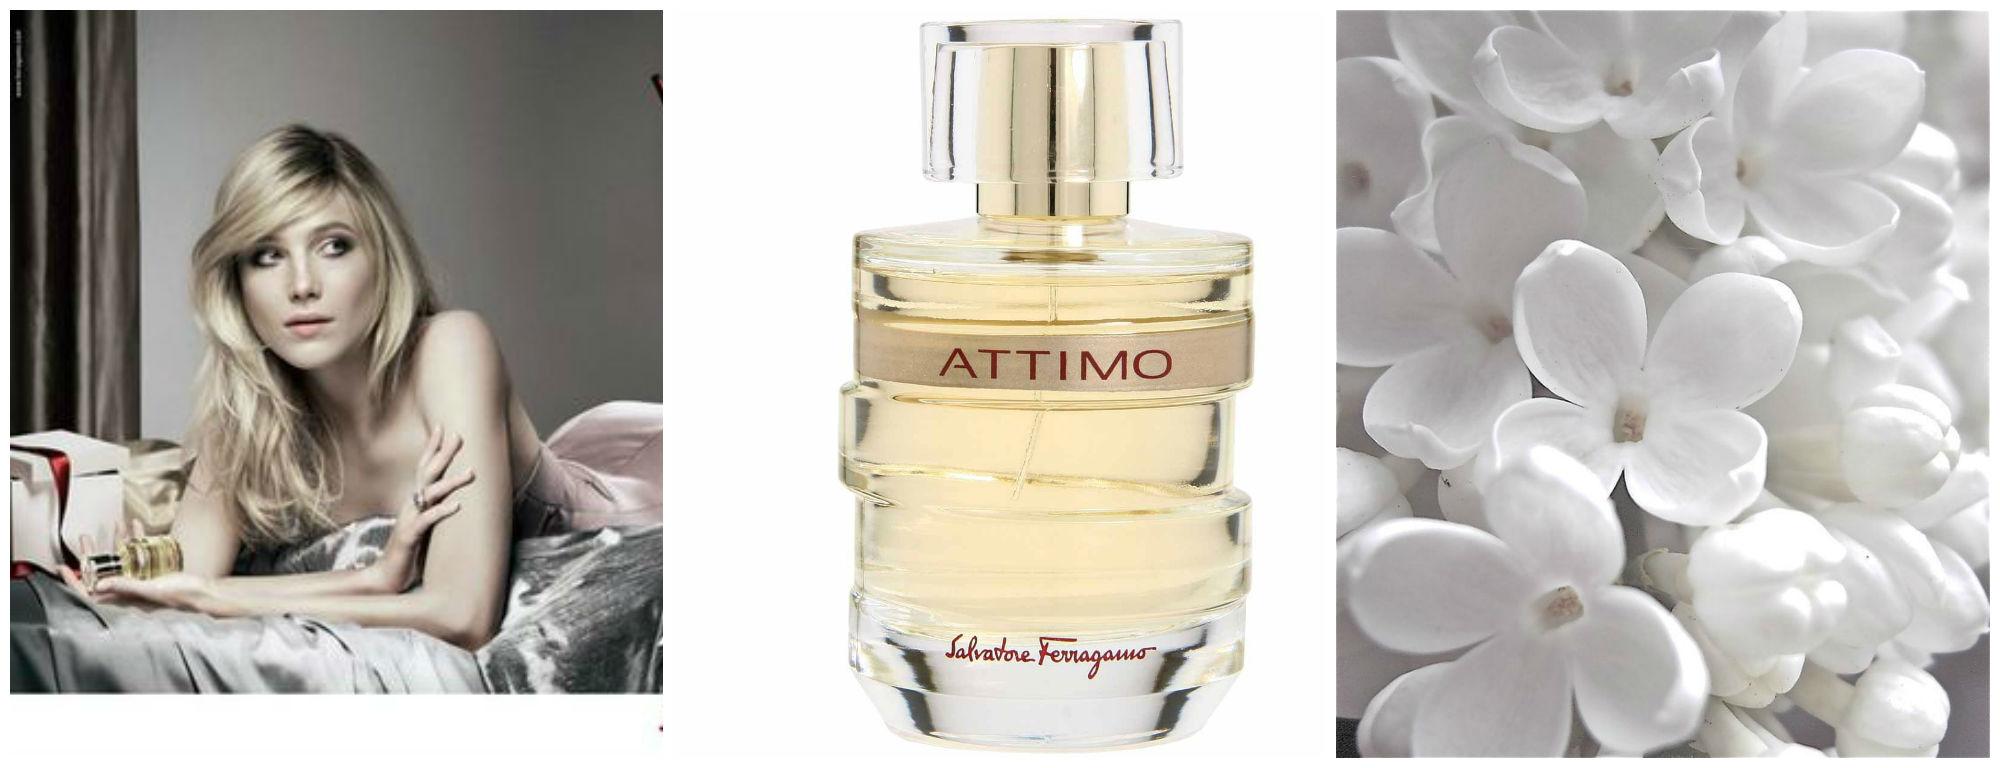 Salvatore Ferragamo Attimo Perfume Review